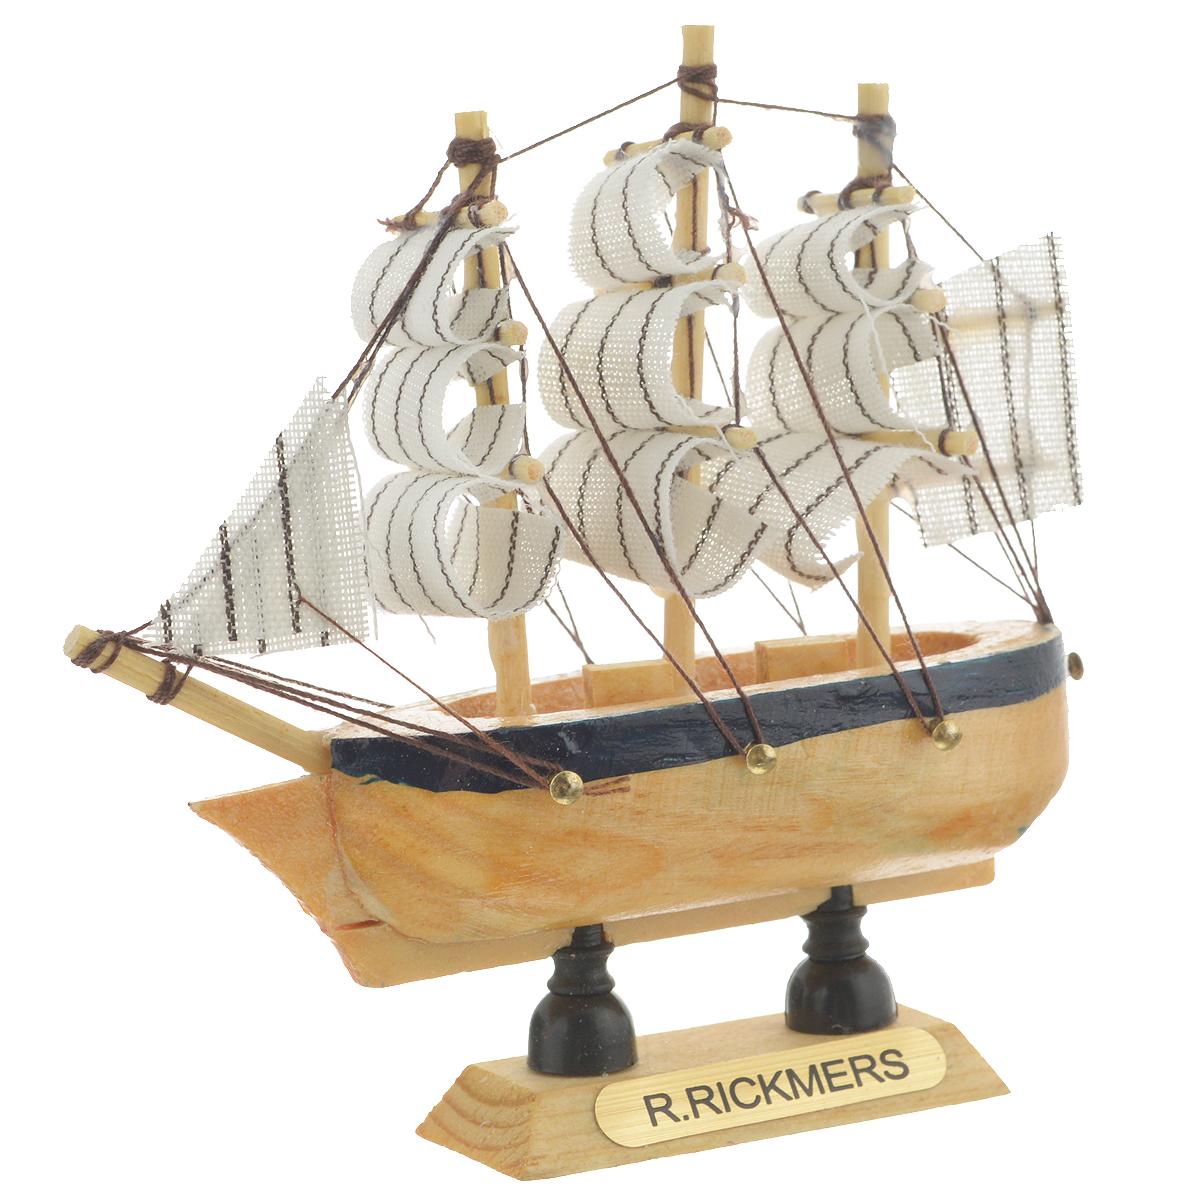 Корабль сувенирный R. Rickmers, длина 10 см. 404816